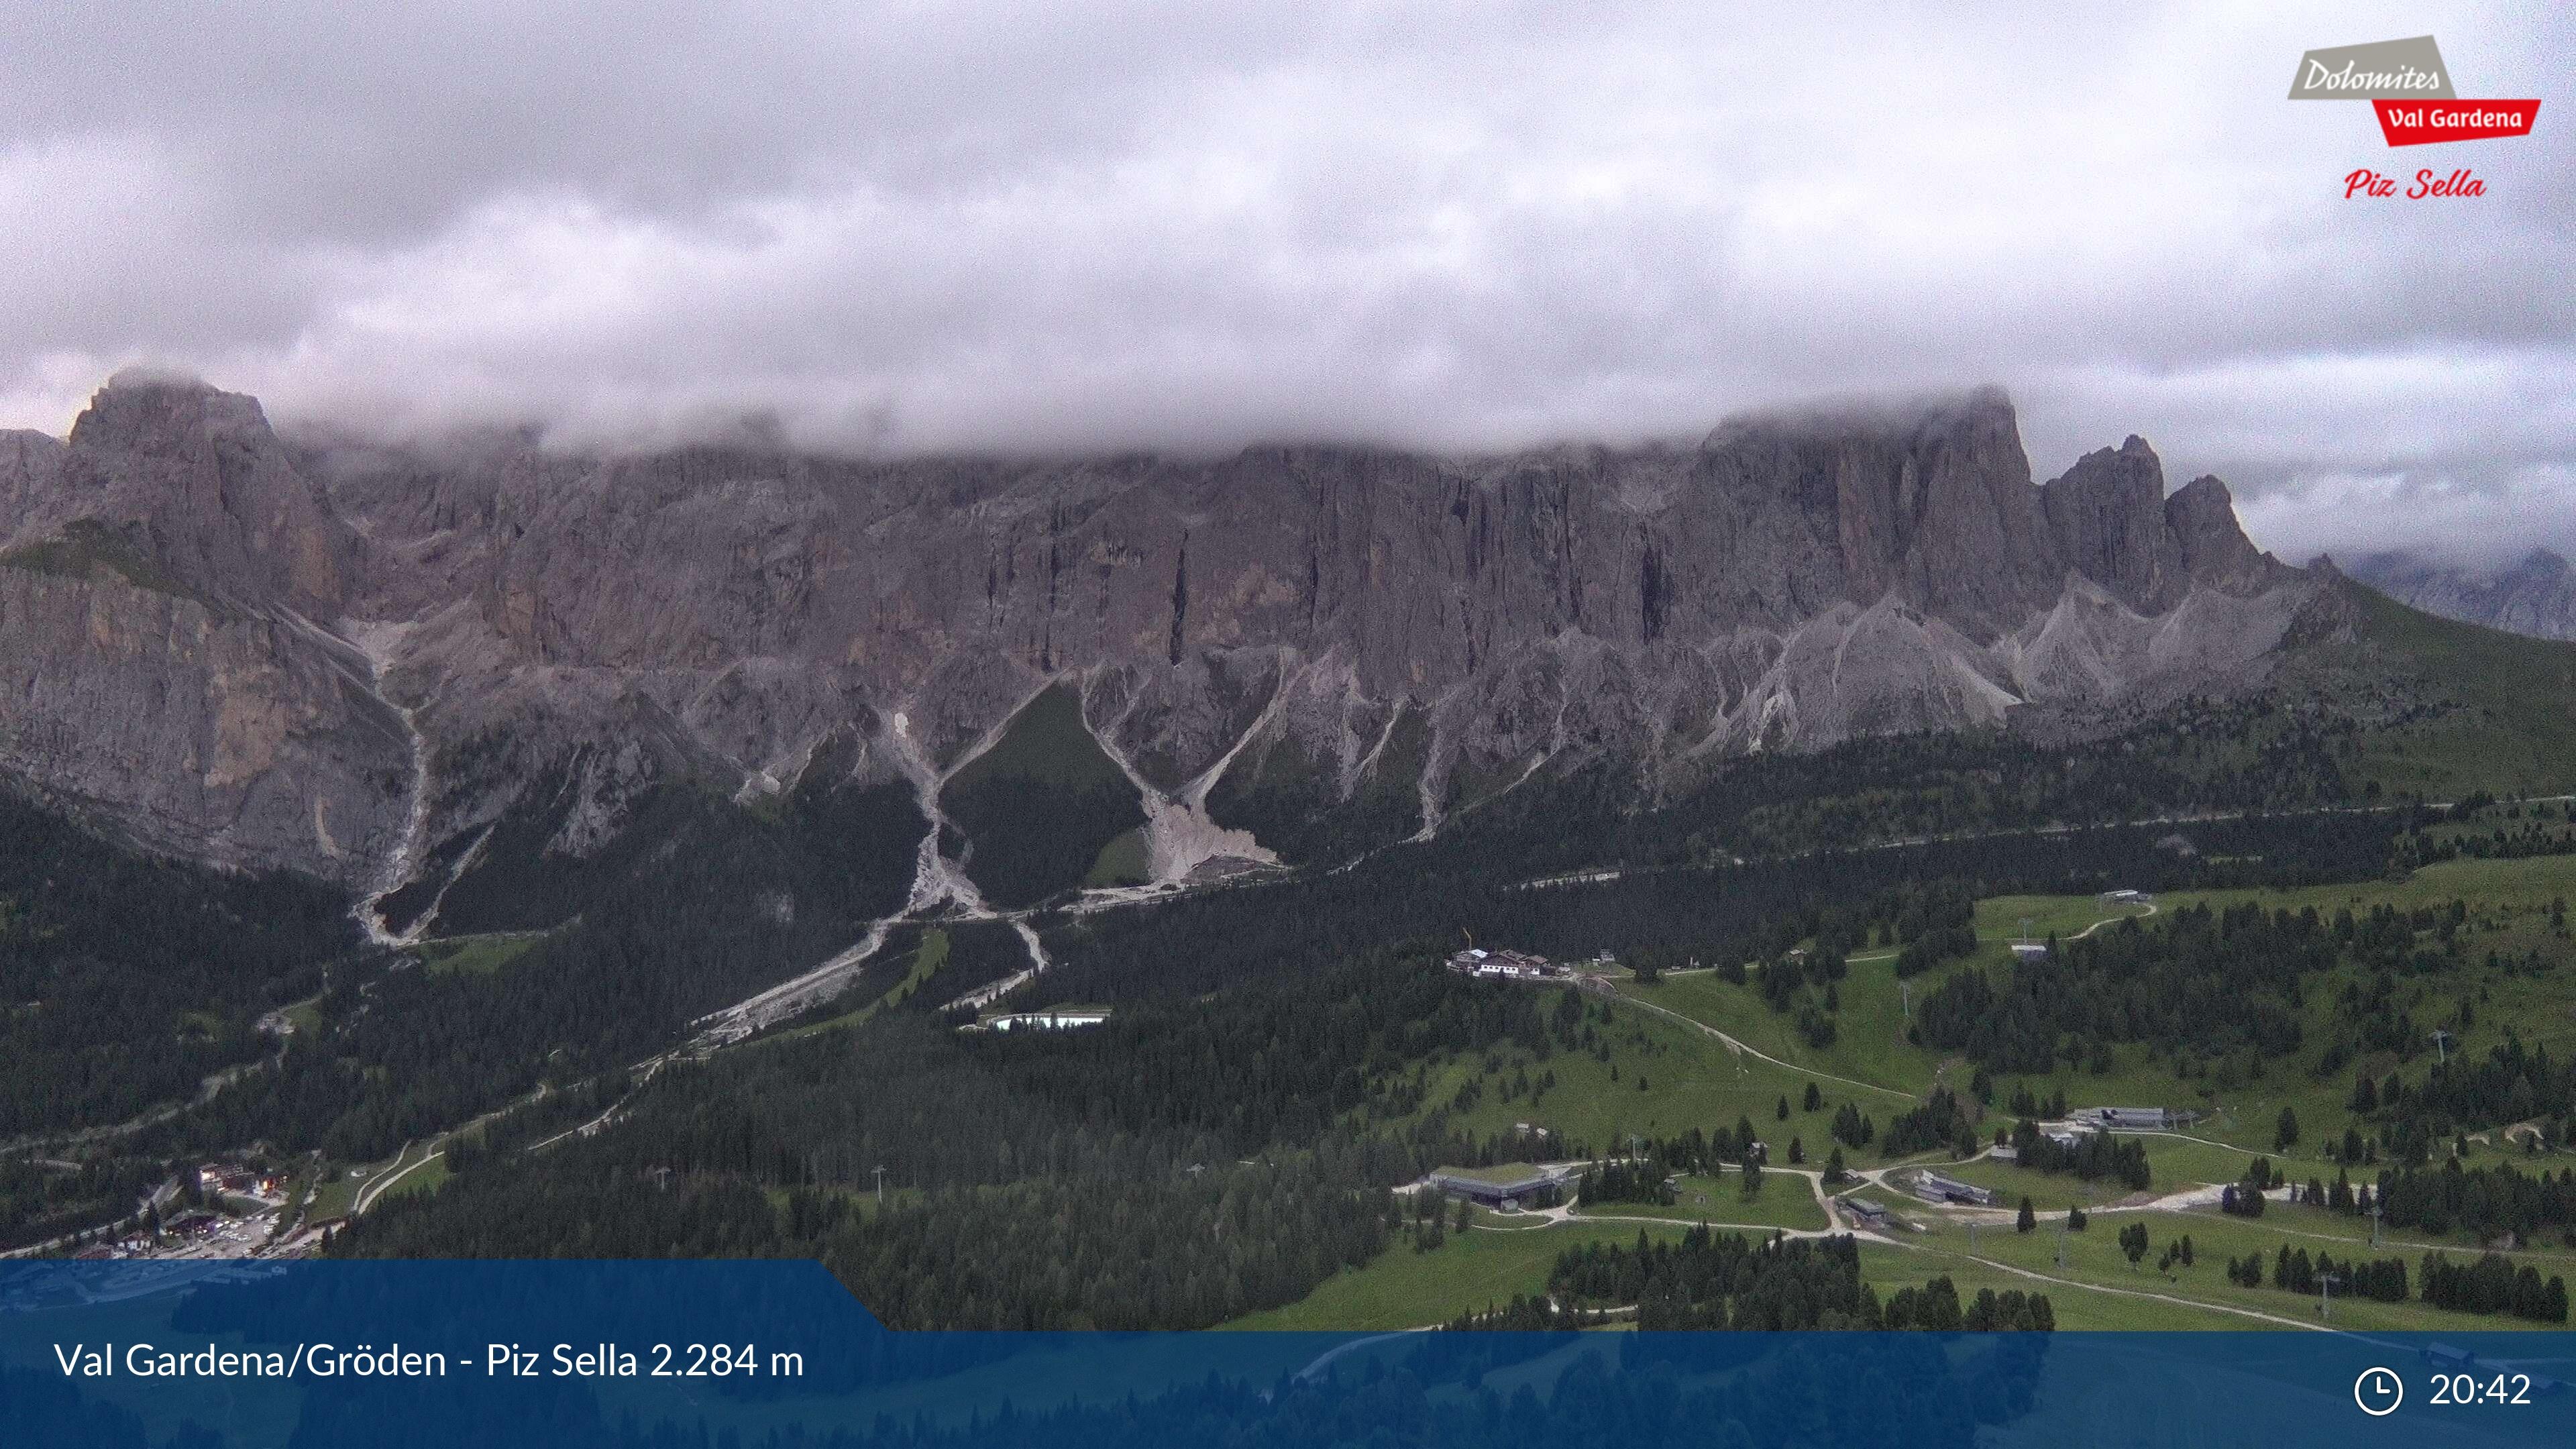 Webcam Plan de Gralba - Selva Gardena, Val Gardena - Dolomiti Superski